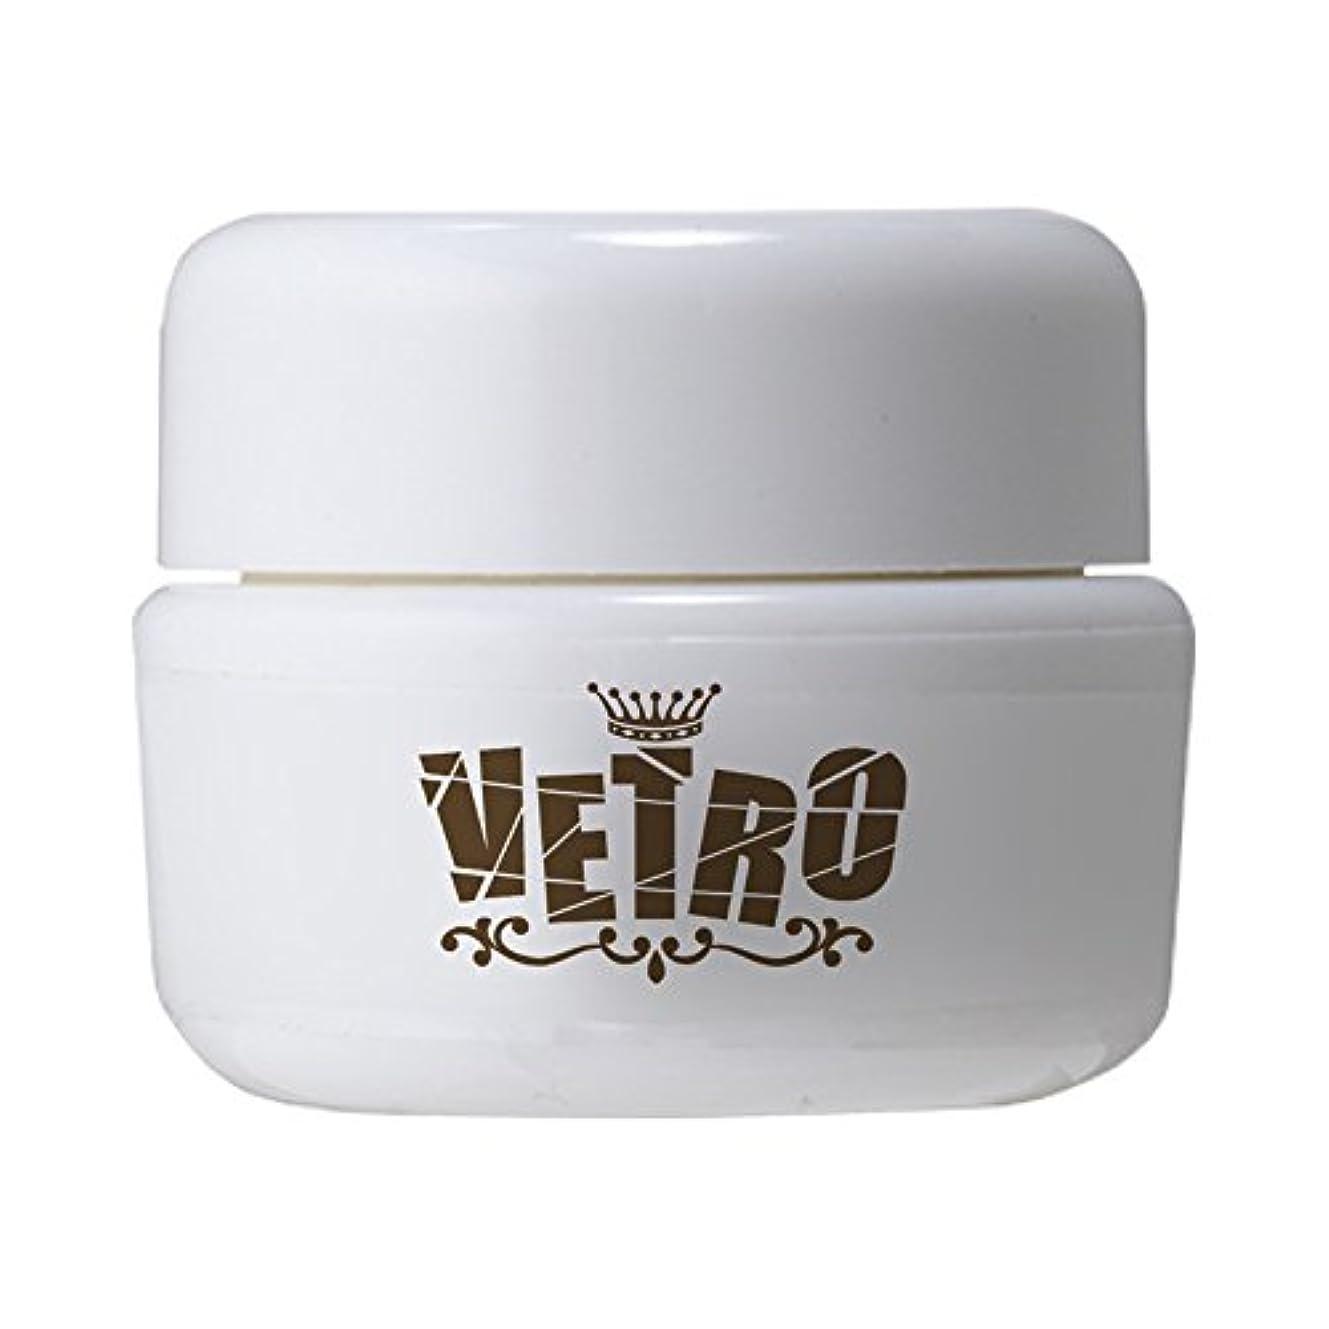 助言神秘的な自伝VETRO No.19 カラージェル マット VL420 宍色 4ml